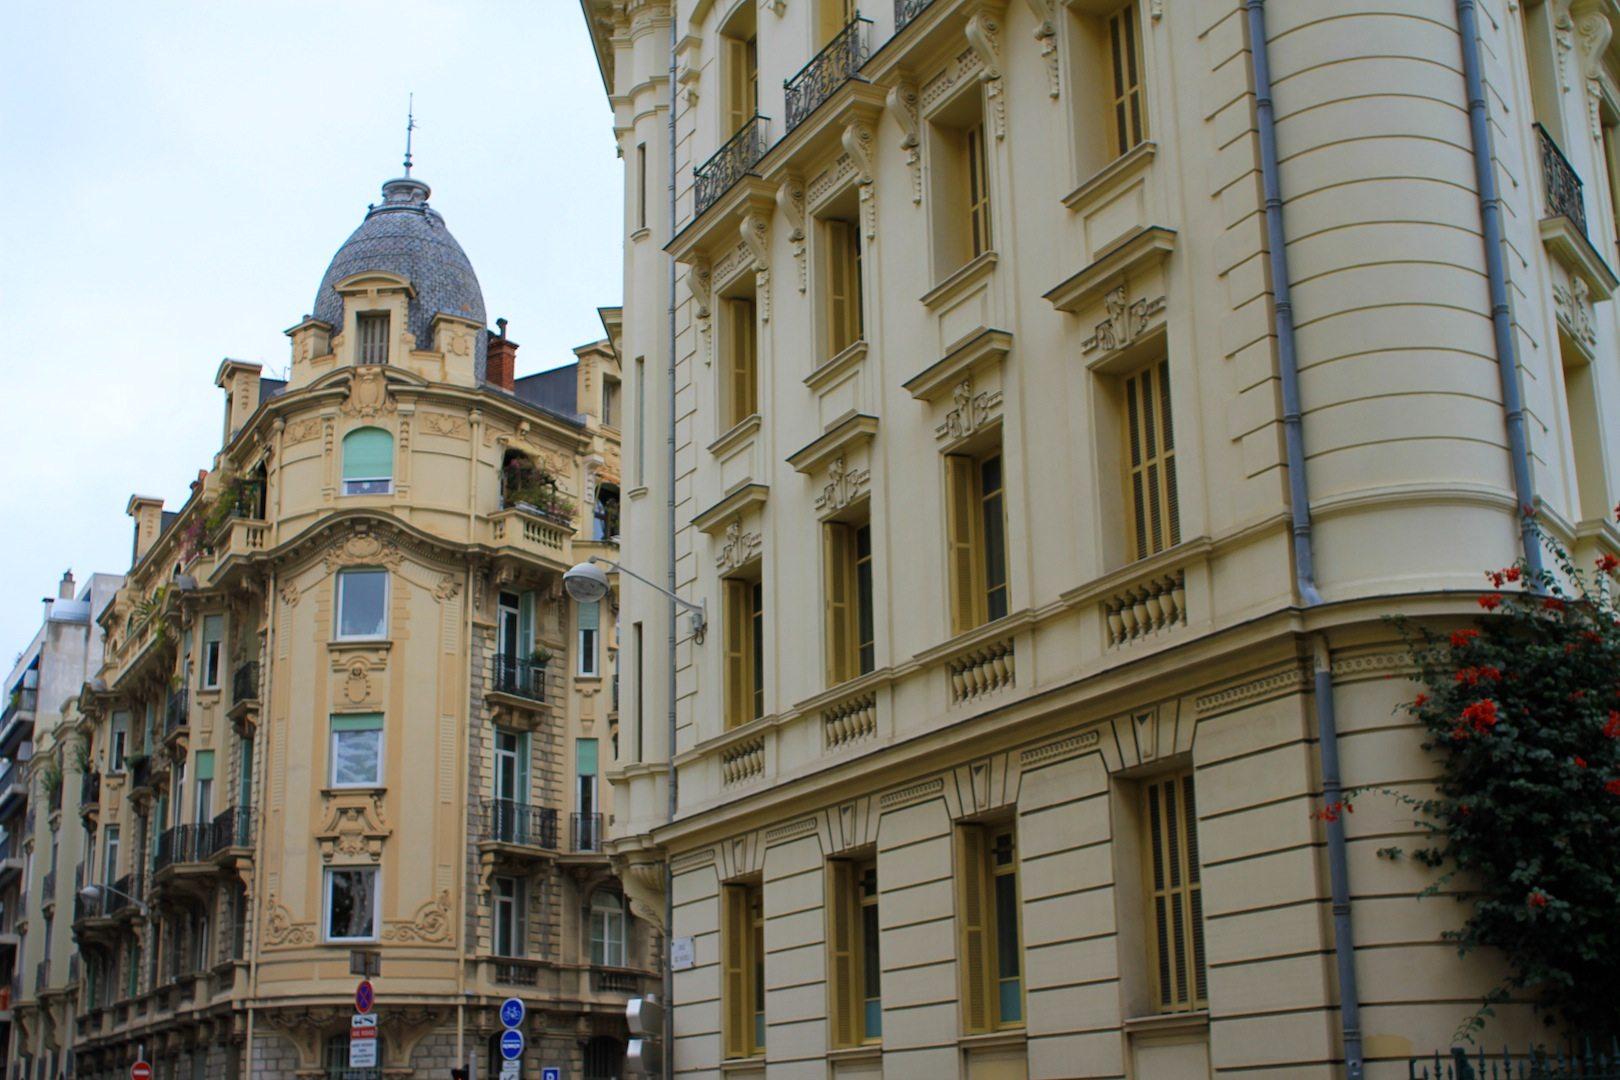 Türmchen und Fassadendetail. Nizza